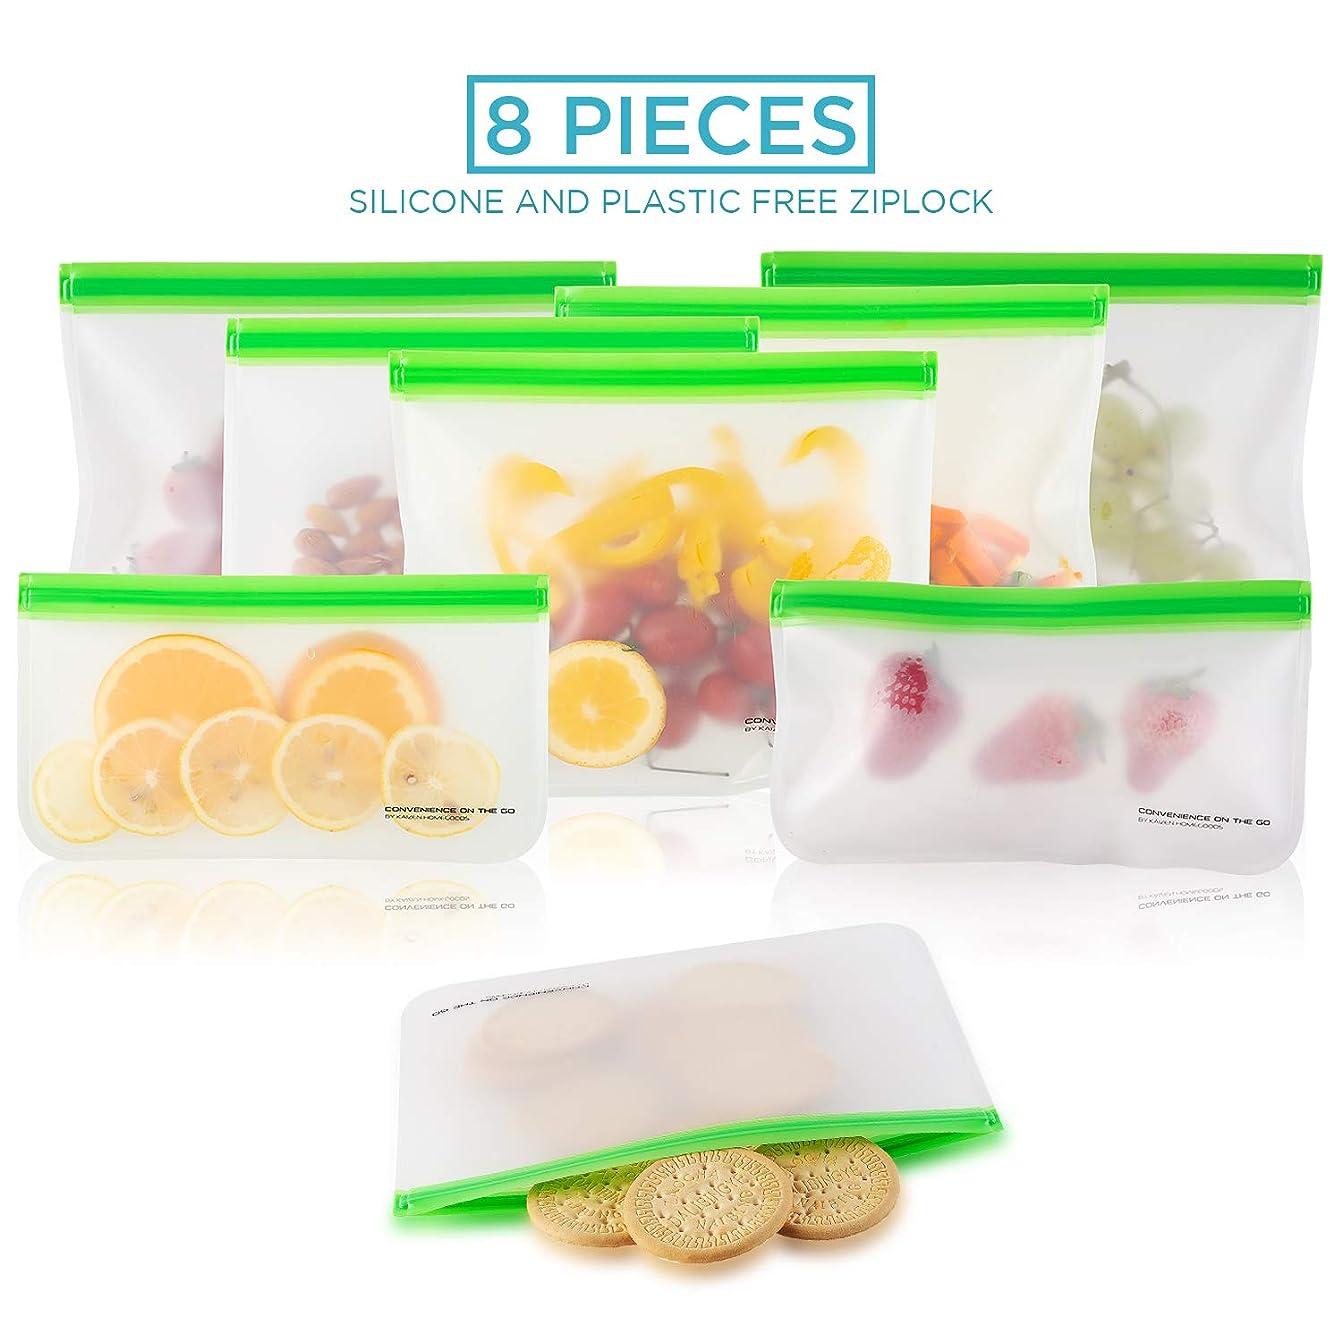 一生温かい侵入する超厚手再利用可能なストレージバッグ (8個パック) シリコンとプラスチックフリージップロック 食品 ランチサンドイッチ 小さな子供のおやつサイズ 旅行バッグなど   ジッパーとシールロックトップで冷凍可能